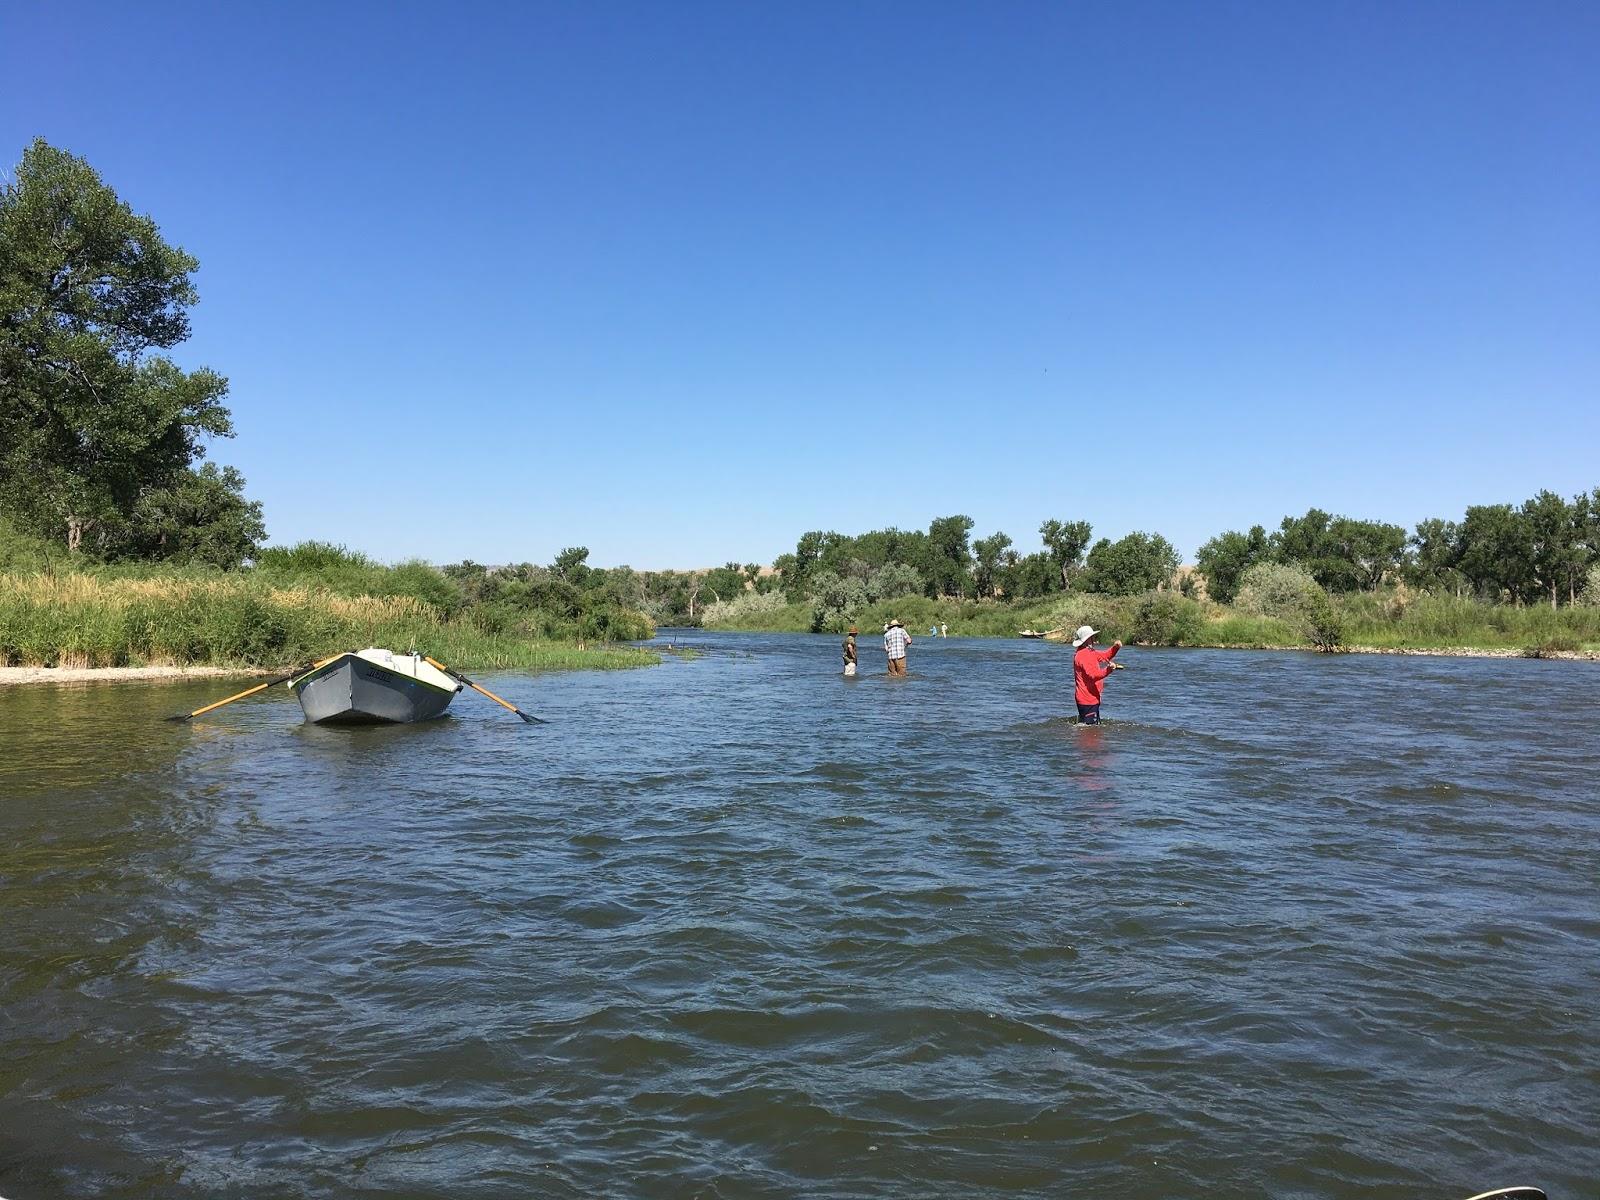 Idaho fly fishers idaho montana fishing fly fishing for Fishing trips in pa